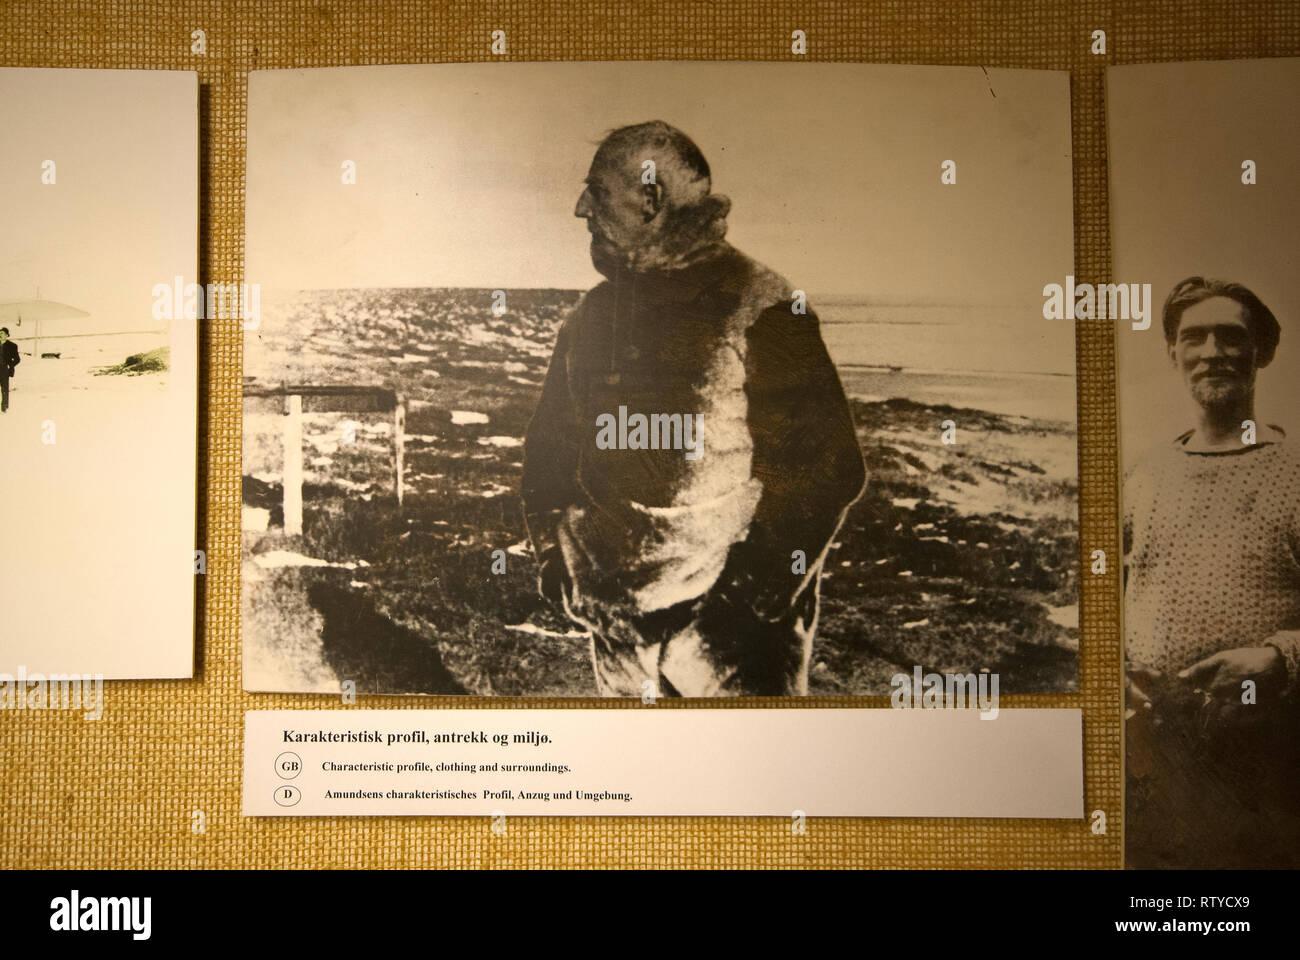 Old b/w photographie de l'explorateur norvégien Roald Amundsen (1872-1928), musée polaire (Polarmuseet) dans le comté de Troms, Tromso, Norvège Photo Stock